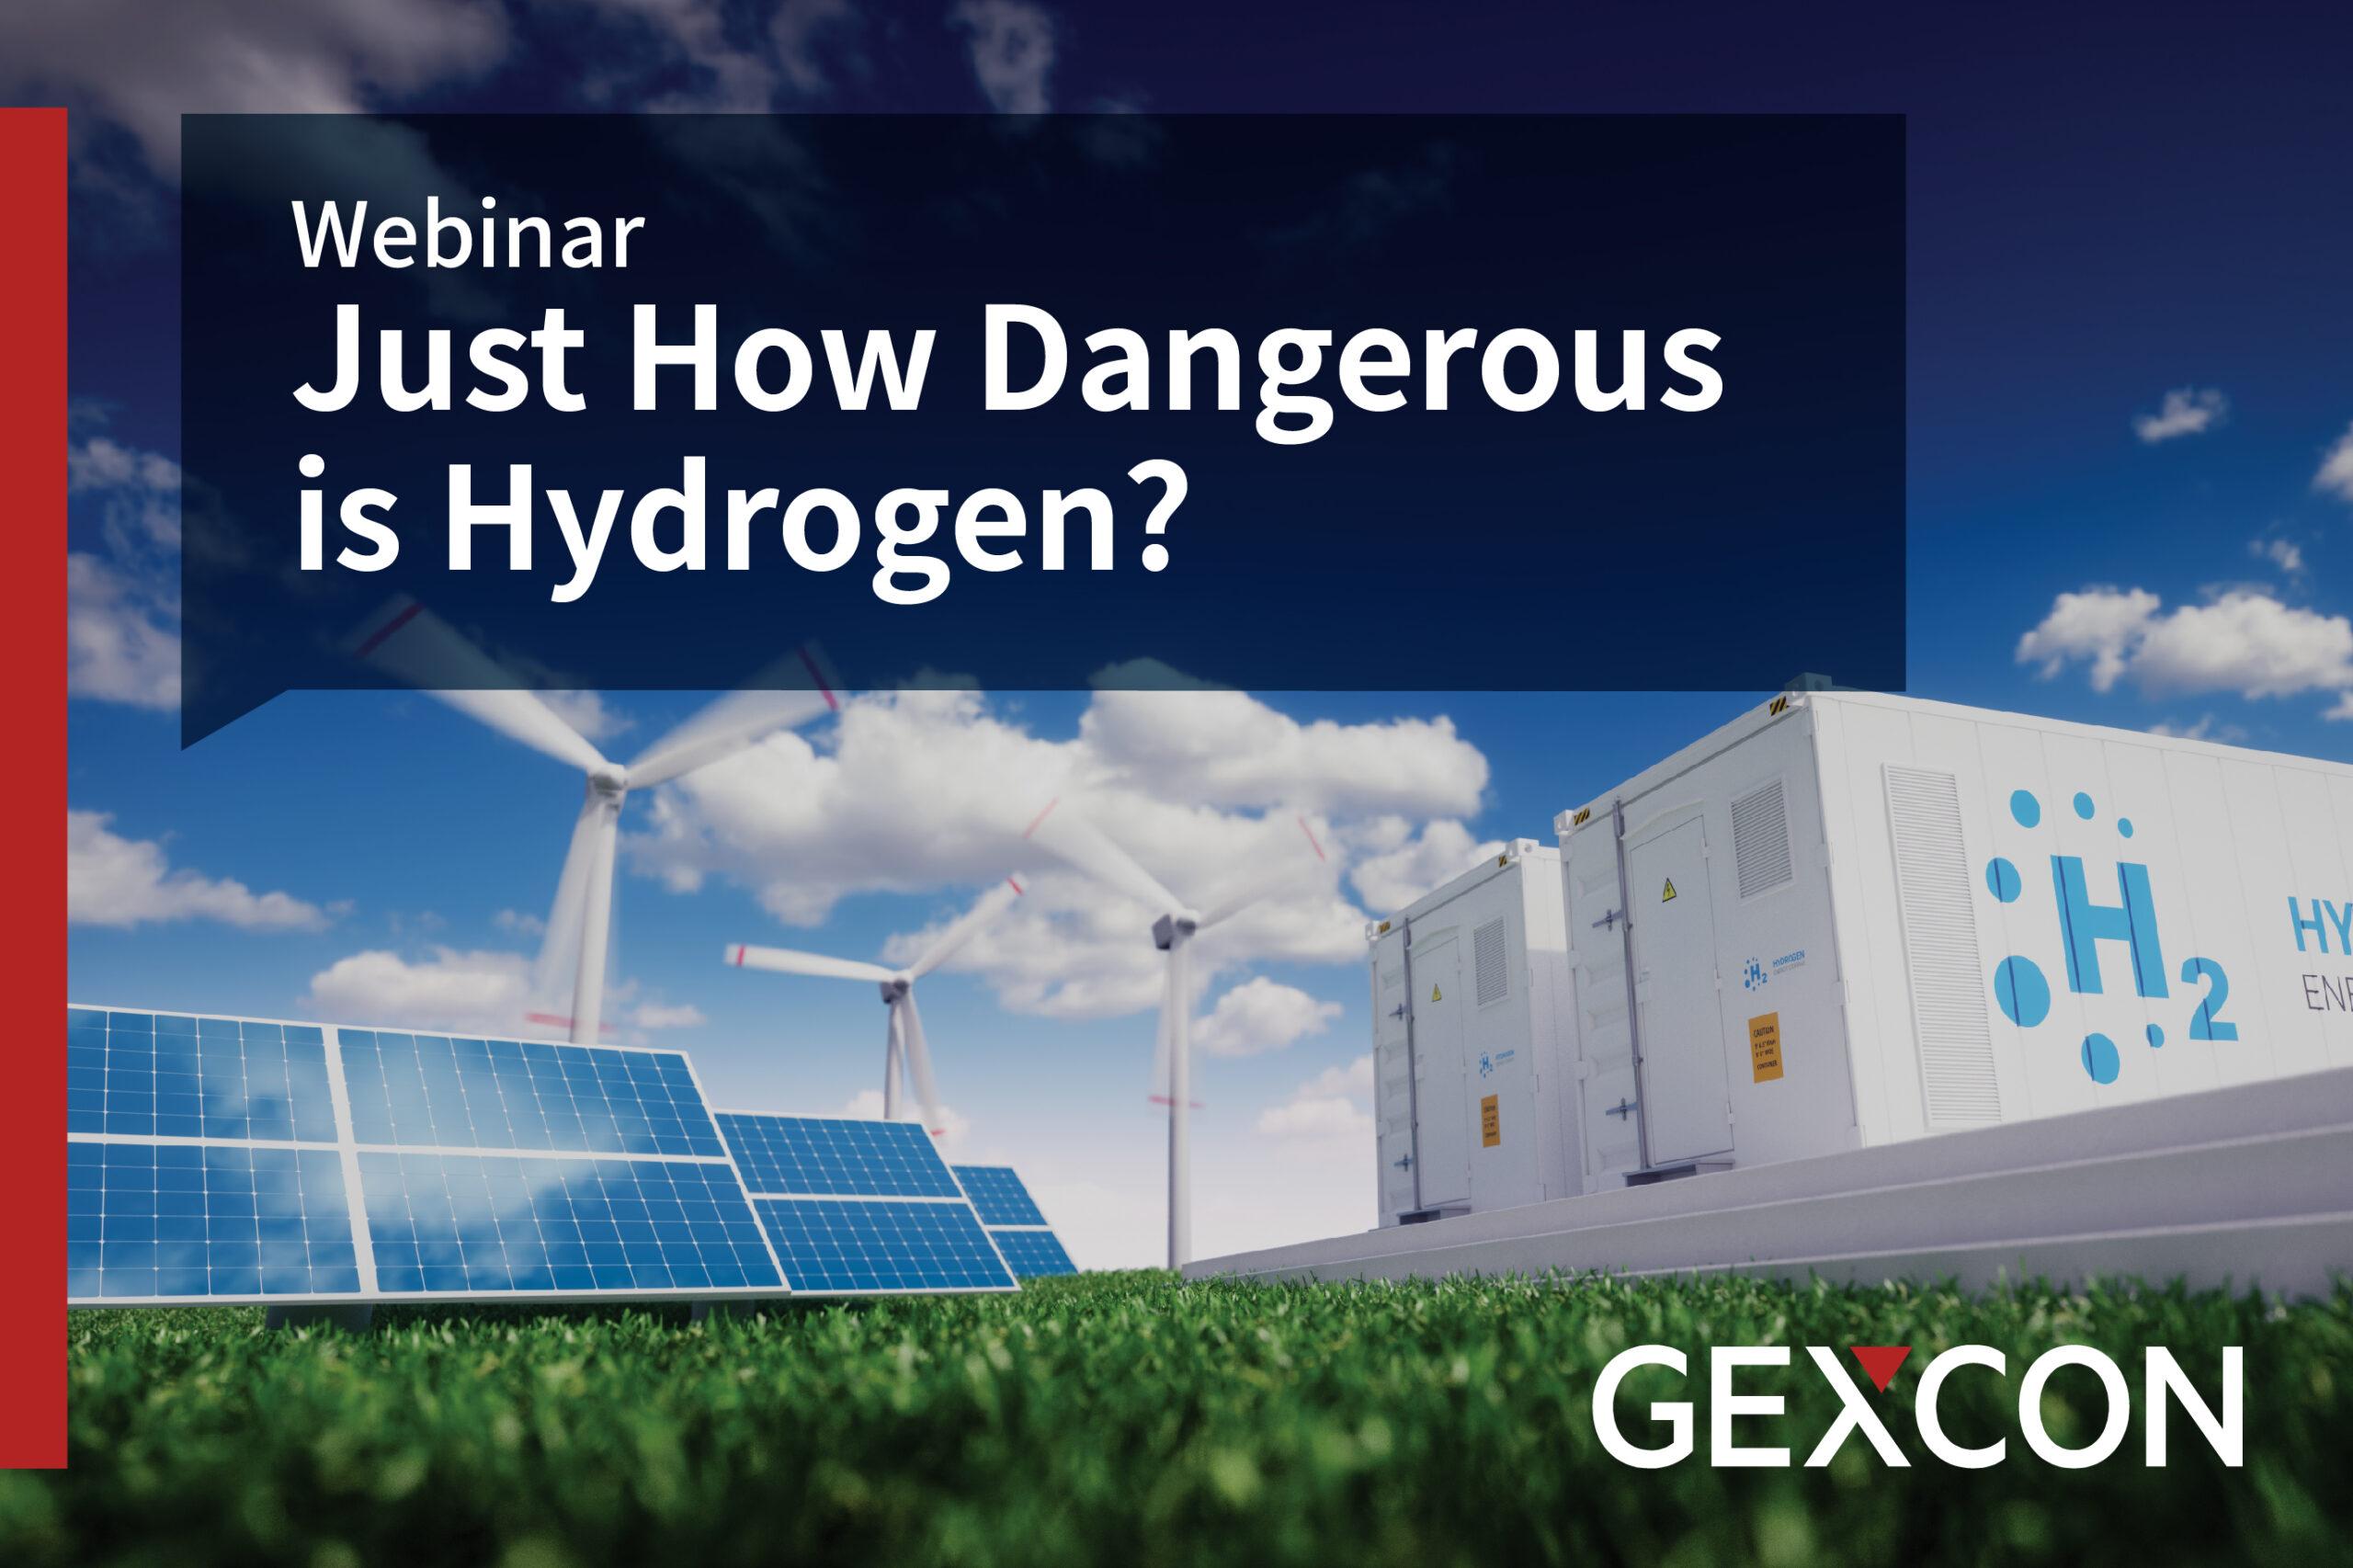 Webinar - Just How Dangerous is Hydrogen